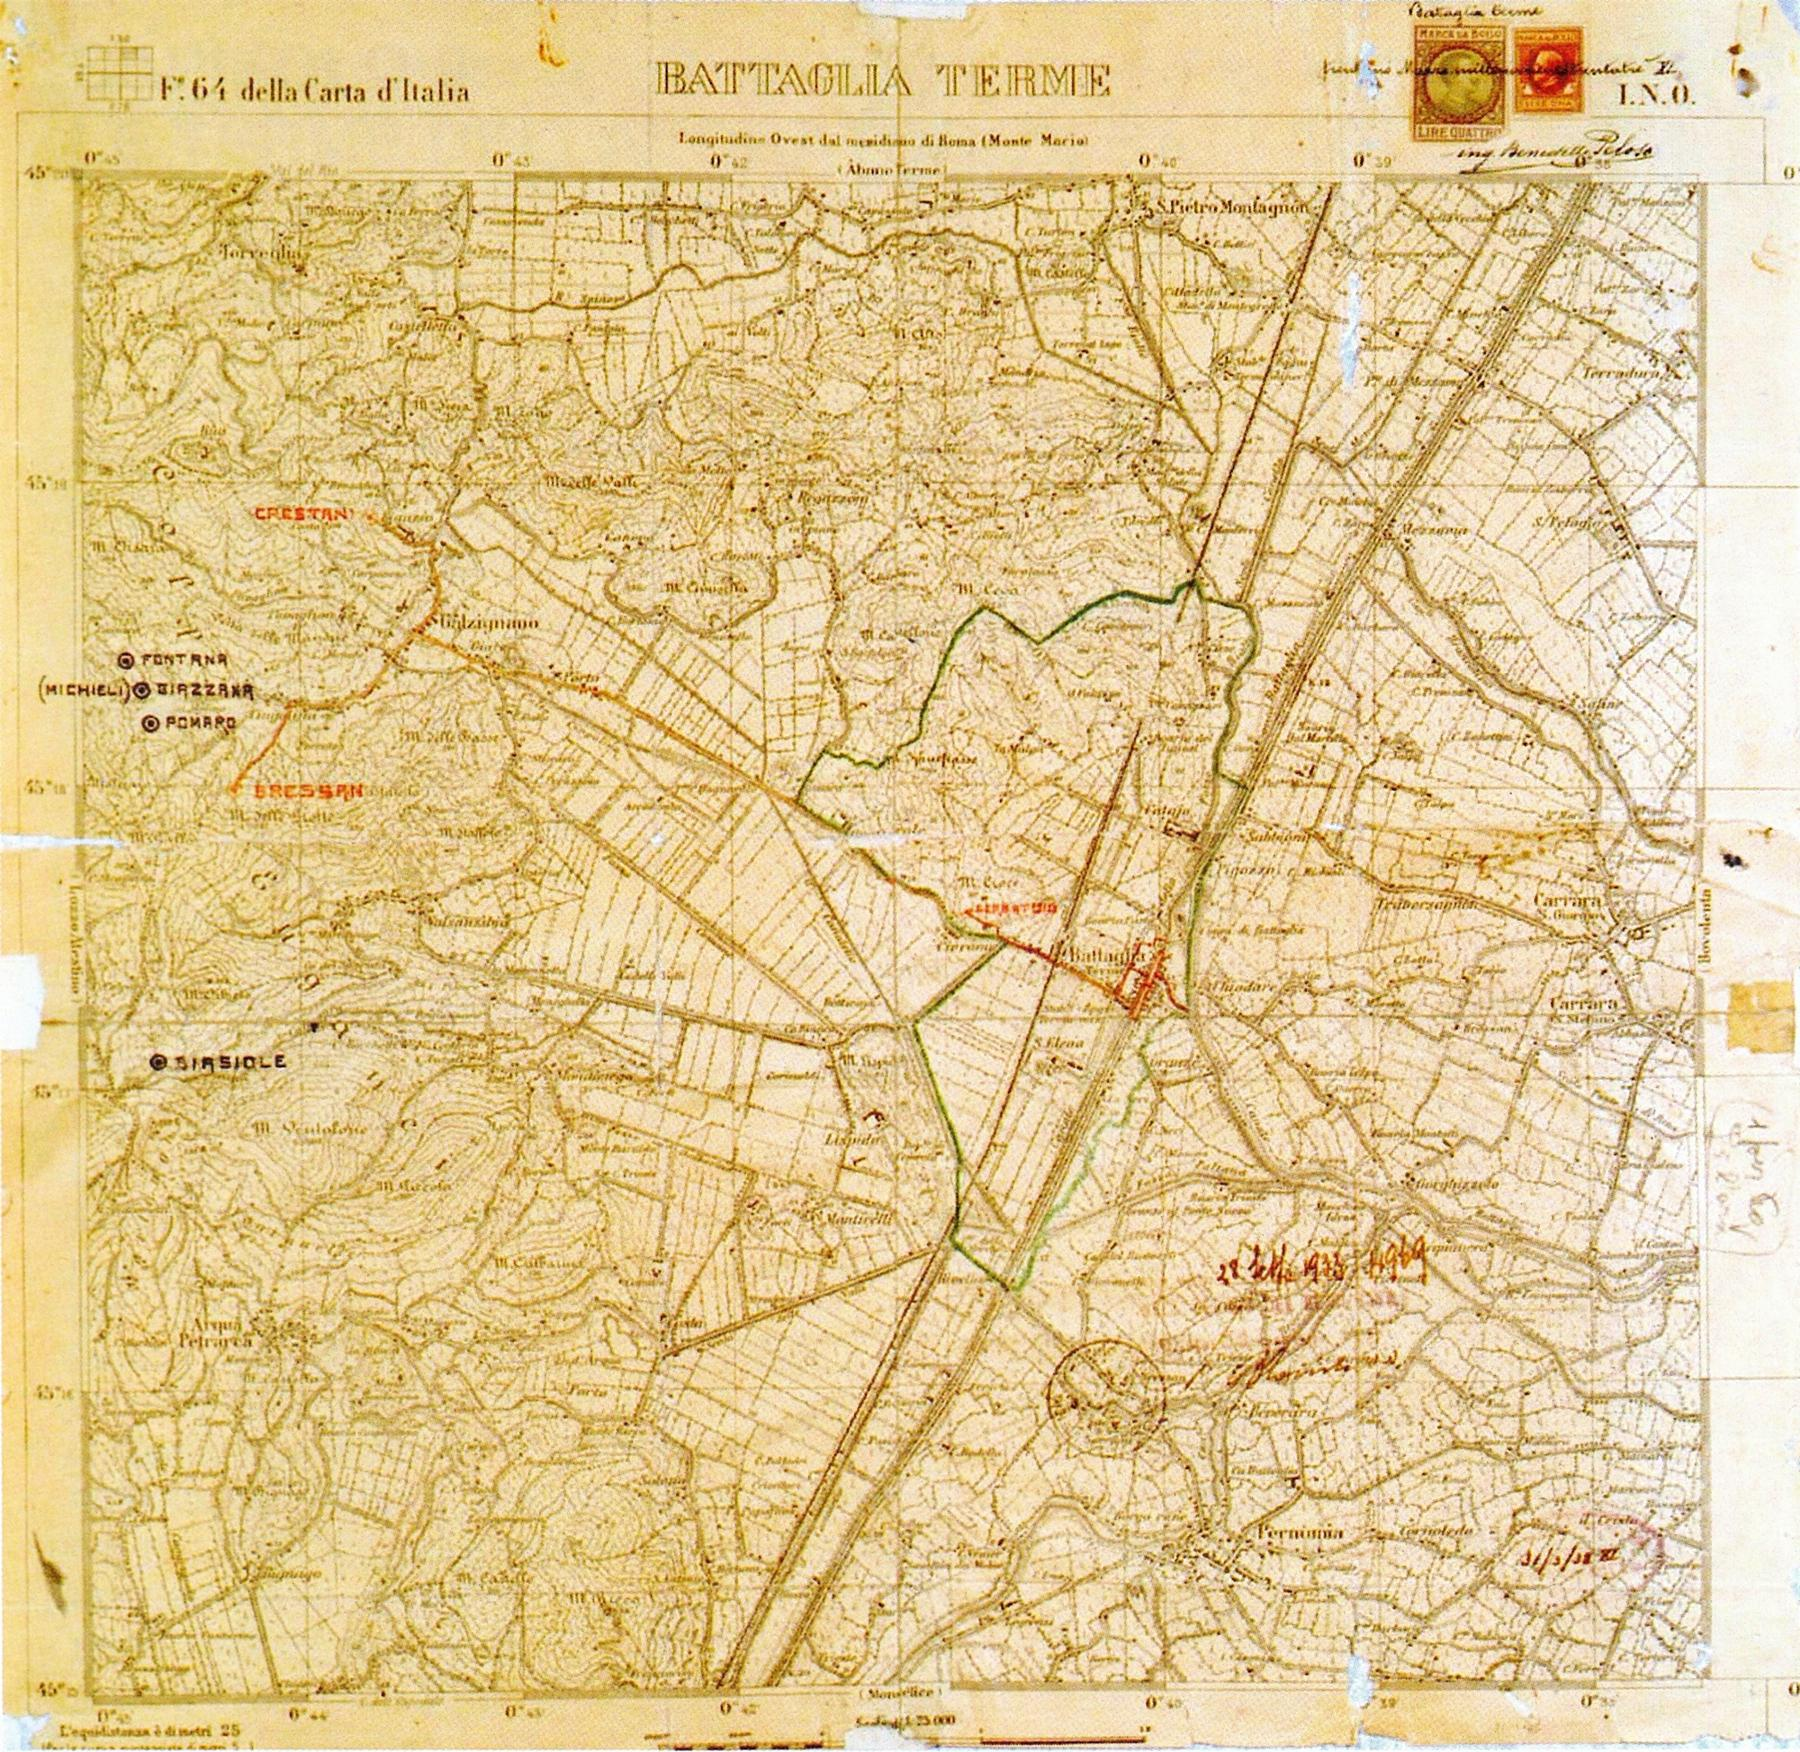 Nuovo acquedotto comunale di Battaglia Terme, planimetria generale (1935).